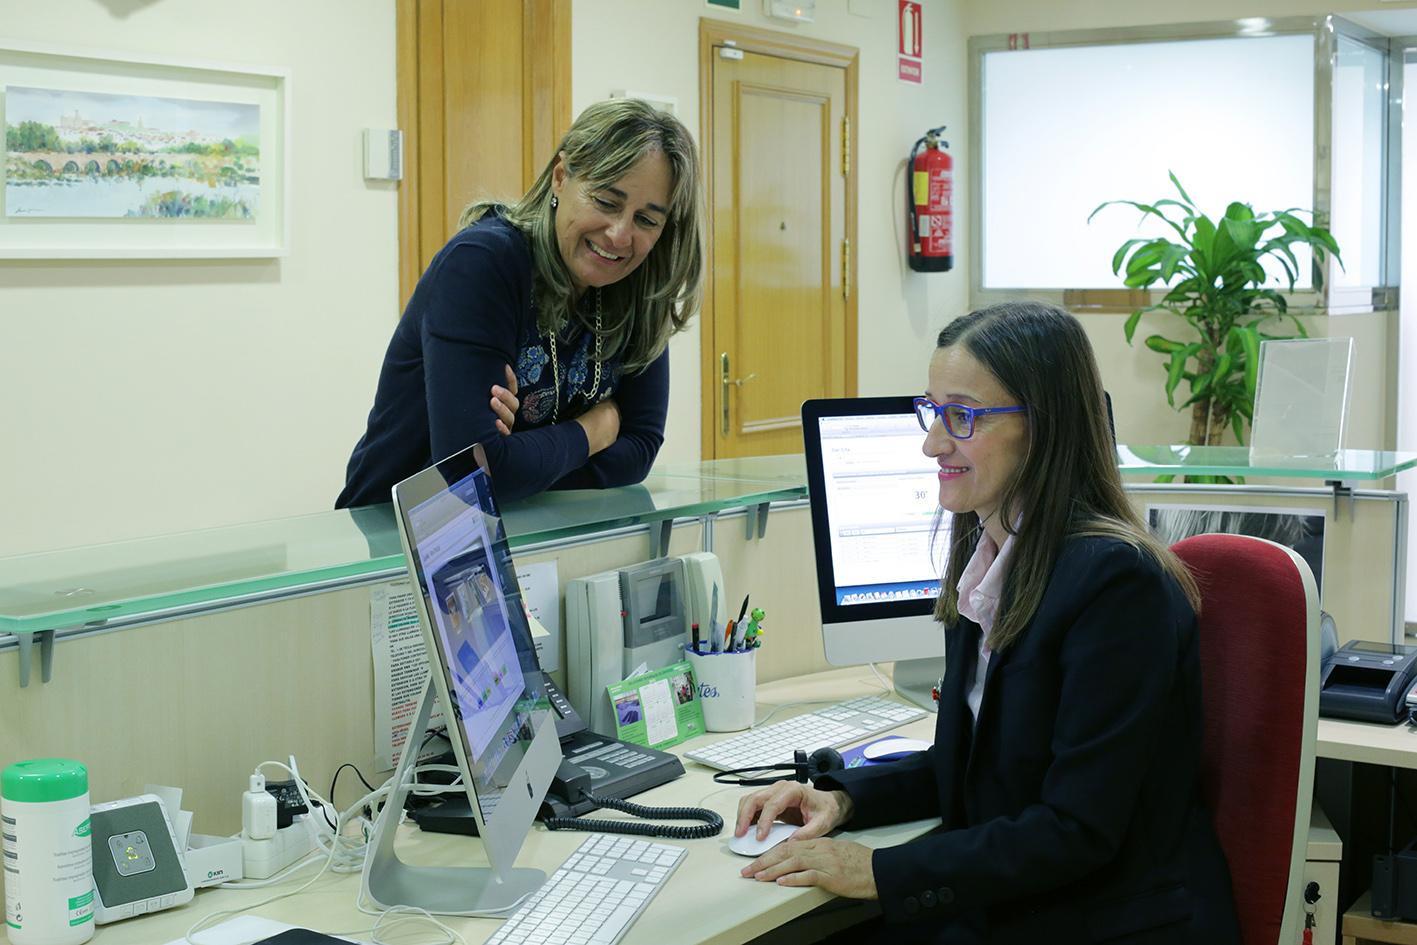 La clínica Encinas foto recepción